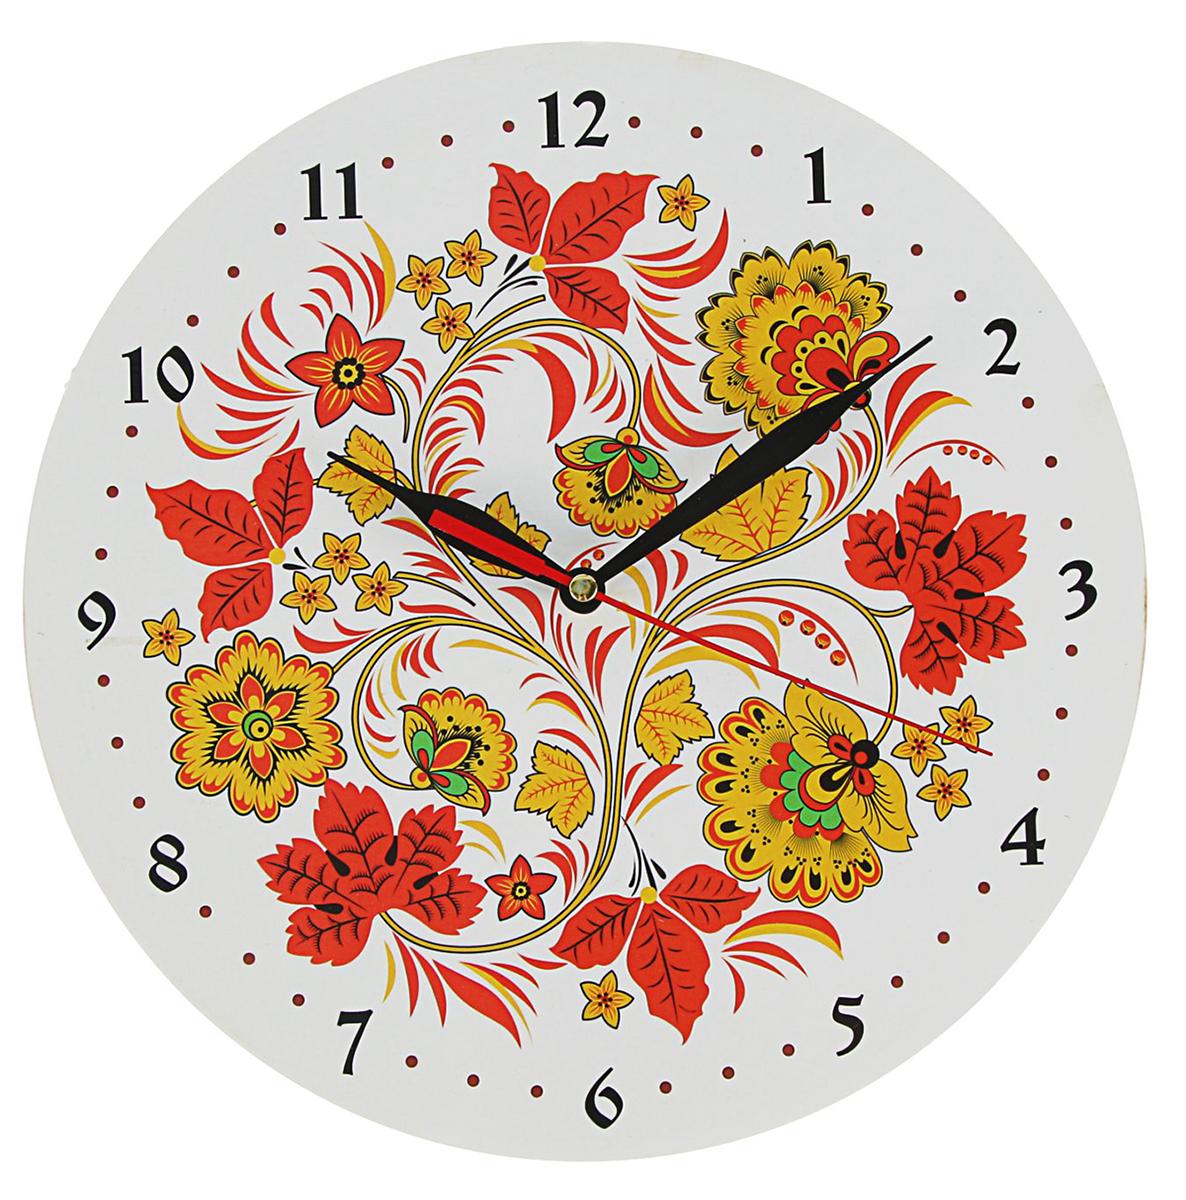 Часы настенные Хохлома, цвет: белый, диаметр 25 см2479214Проводите время с пользой Настоящий мужской отдых невозможен без хорошей бани! Чтобы не потерять ощущение времени, проводя приятный досуг в отличной компании, повесьте на стену часы, но не простые, а те, что отражают настроение и вписываются в интерьер. Наши часы с пожеланием «Русская баня» станут полезным приобретением, которое будет долго радовать владельца. Если стрелки остановятся, поменяйте батарейку и вперед — париться и отдыхать!Часы Хохлома белый фон, O 25см 2479214